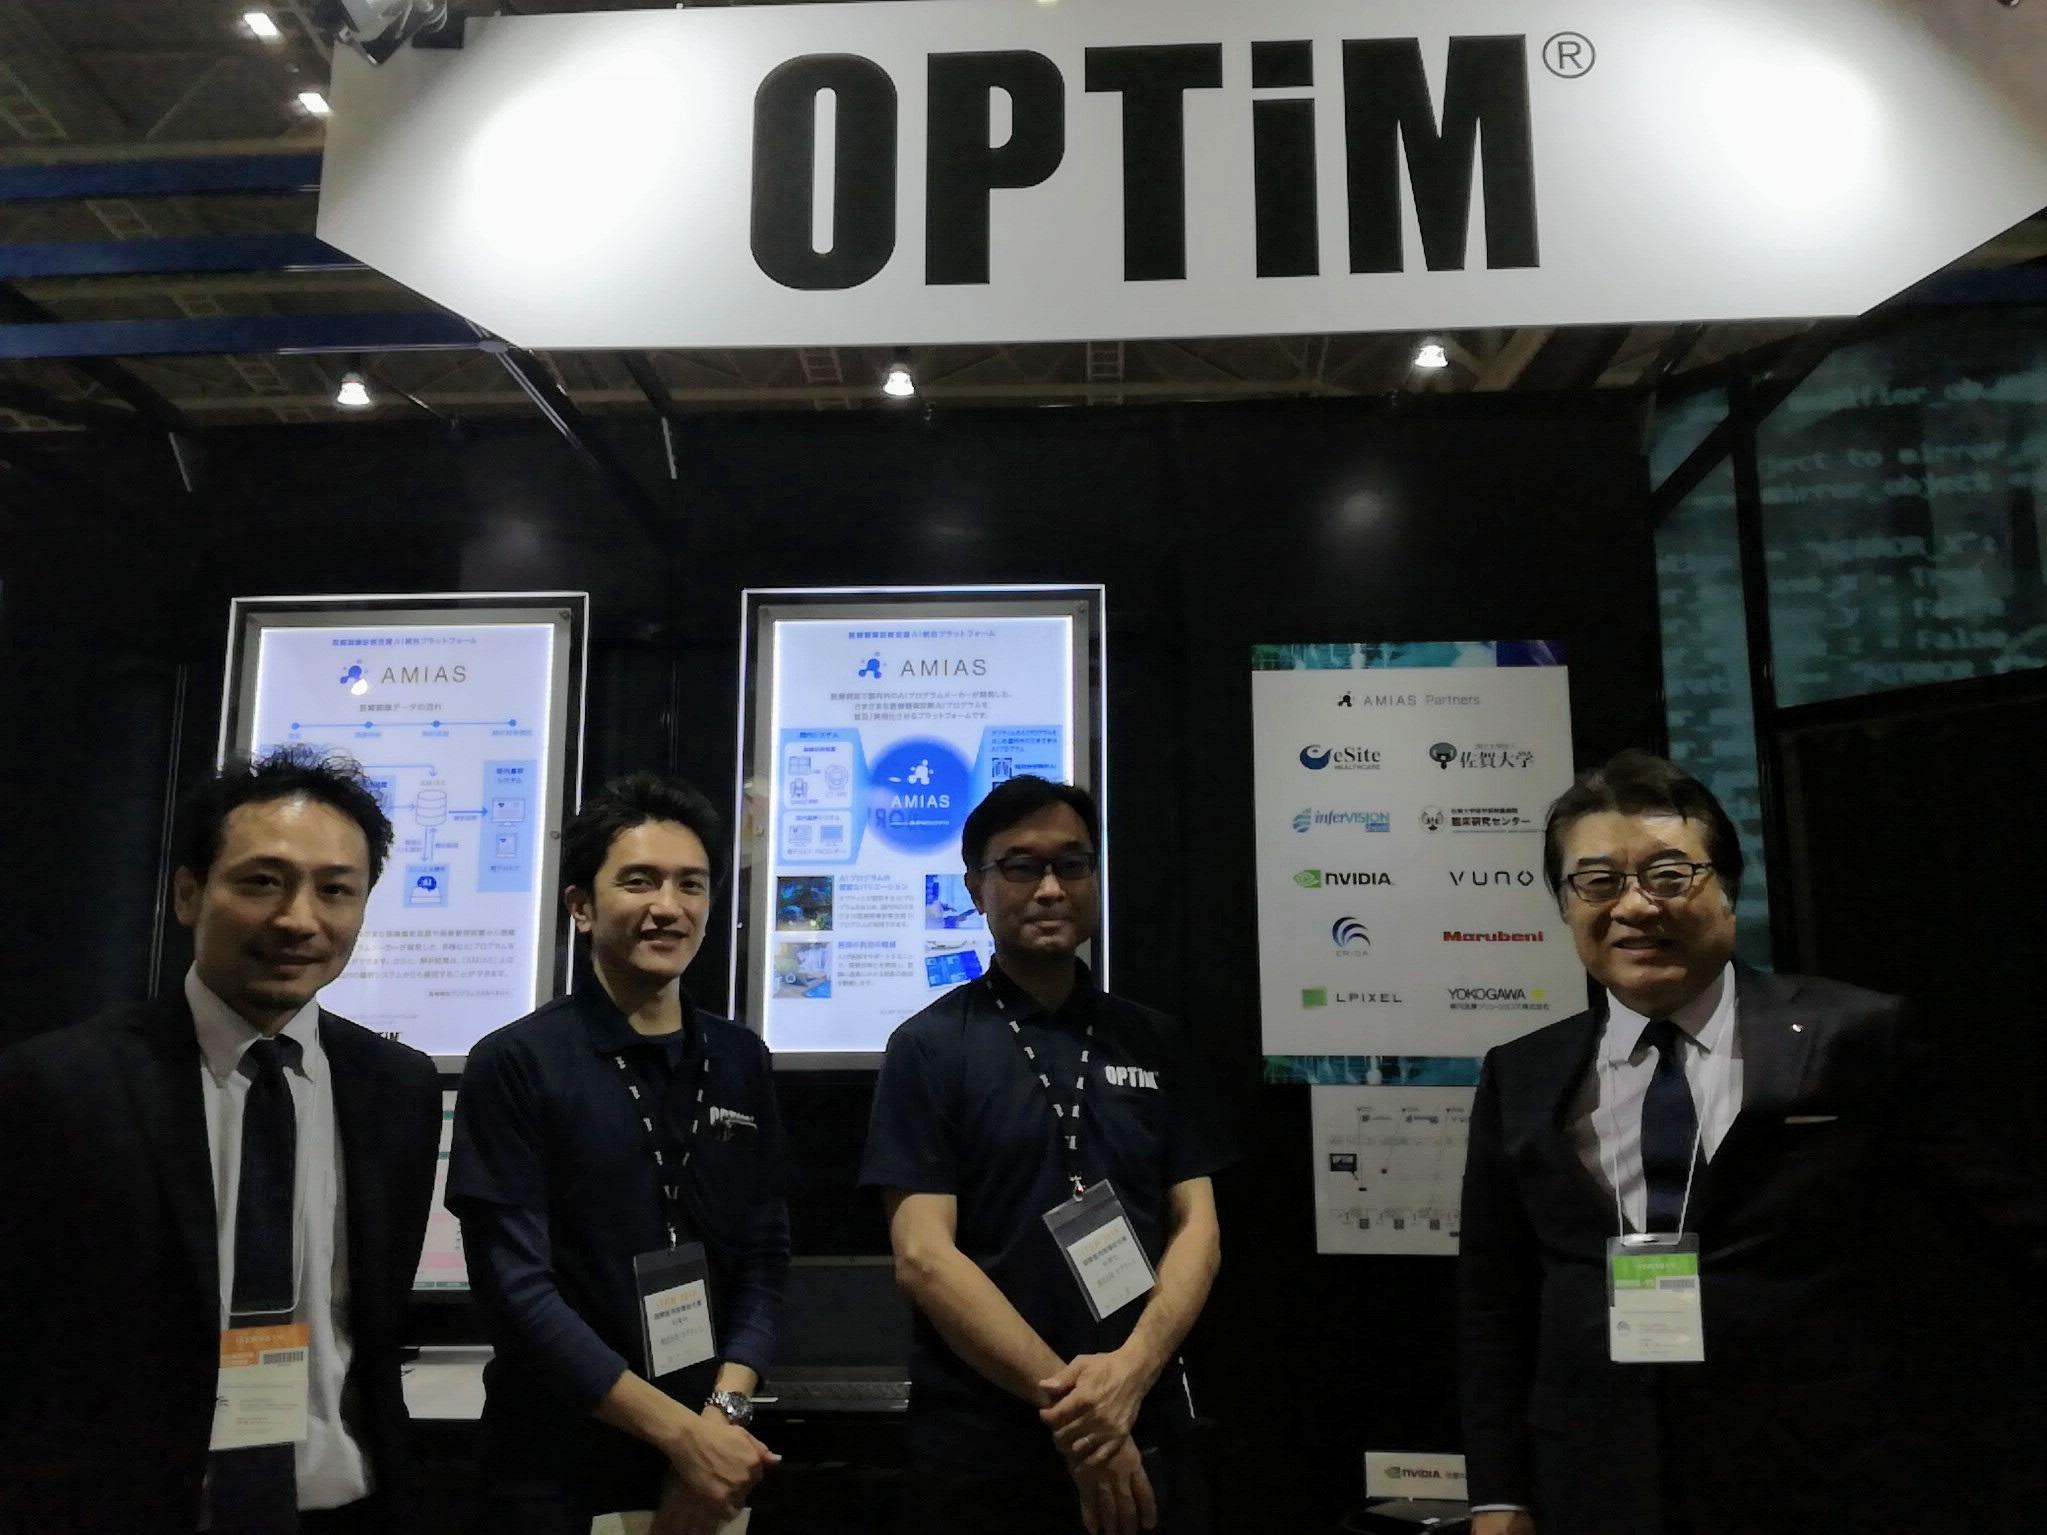 株式会社オプティムと画像診断領域での協業に向け基本合意